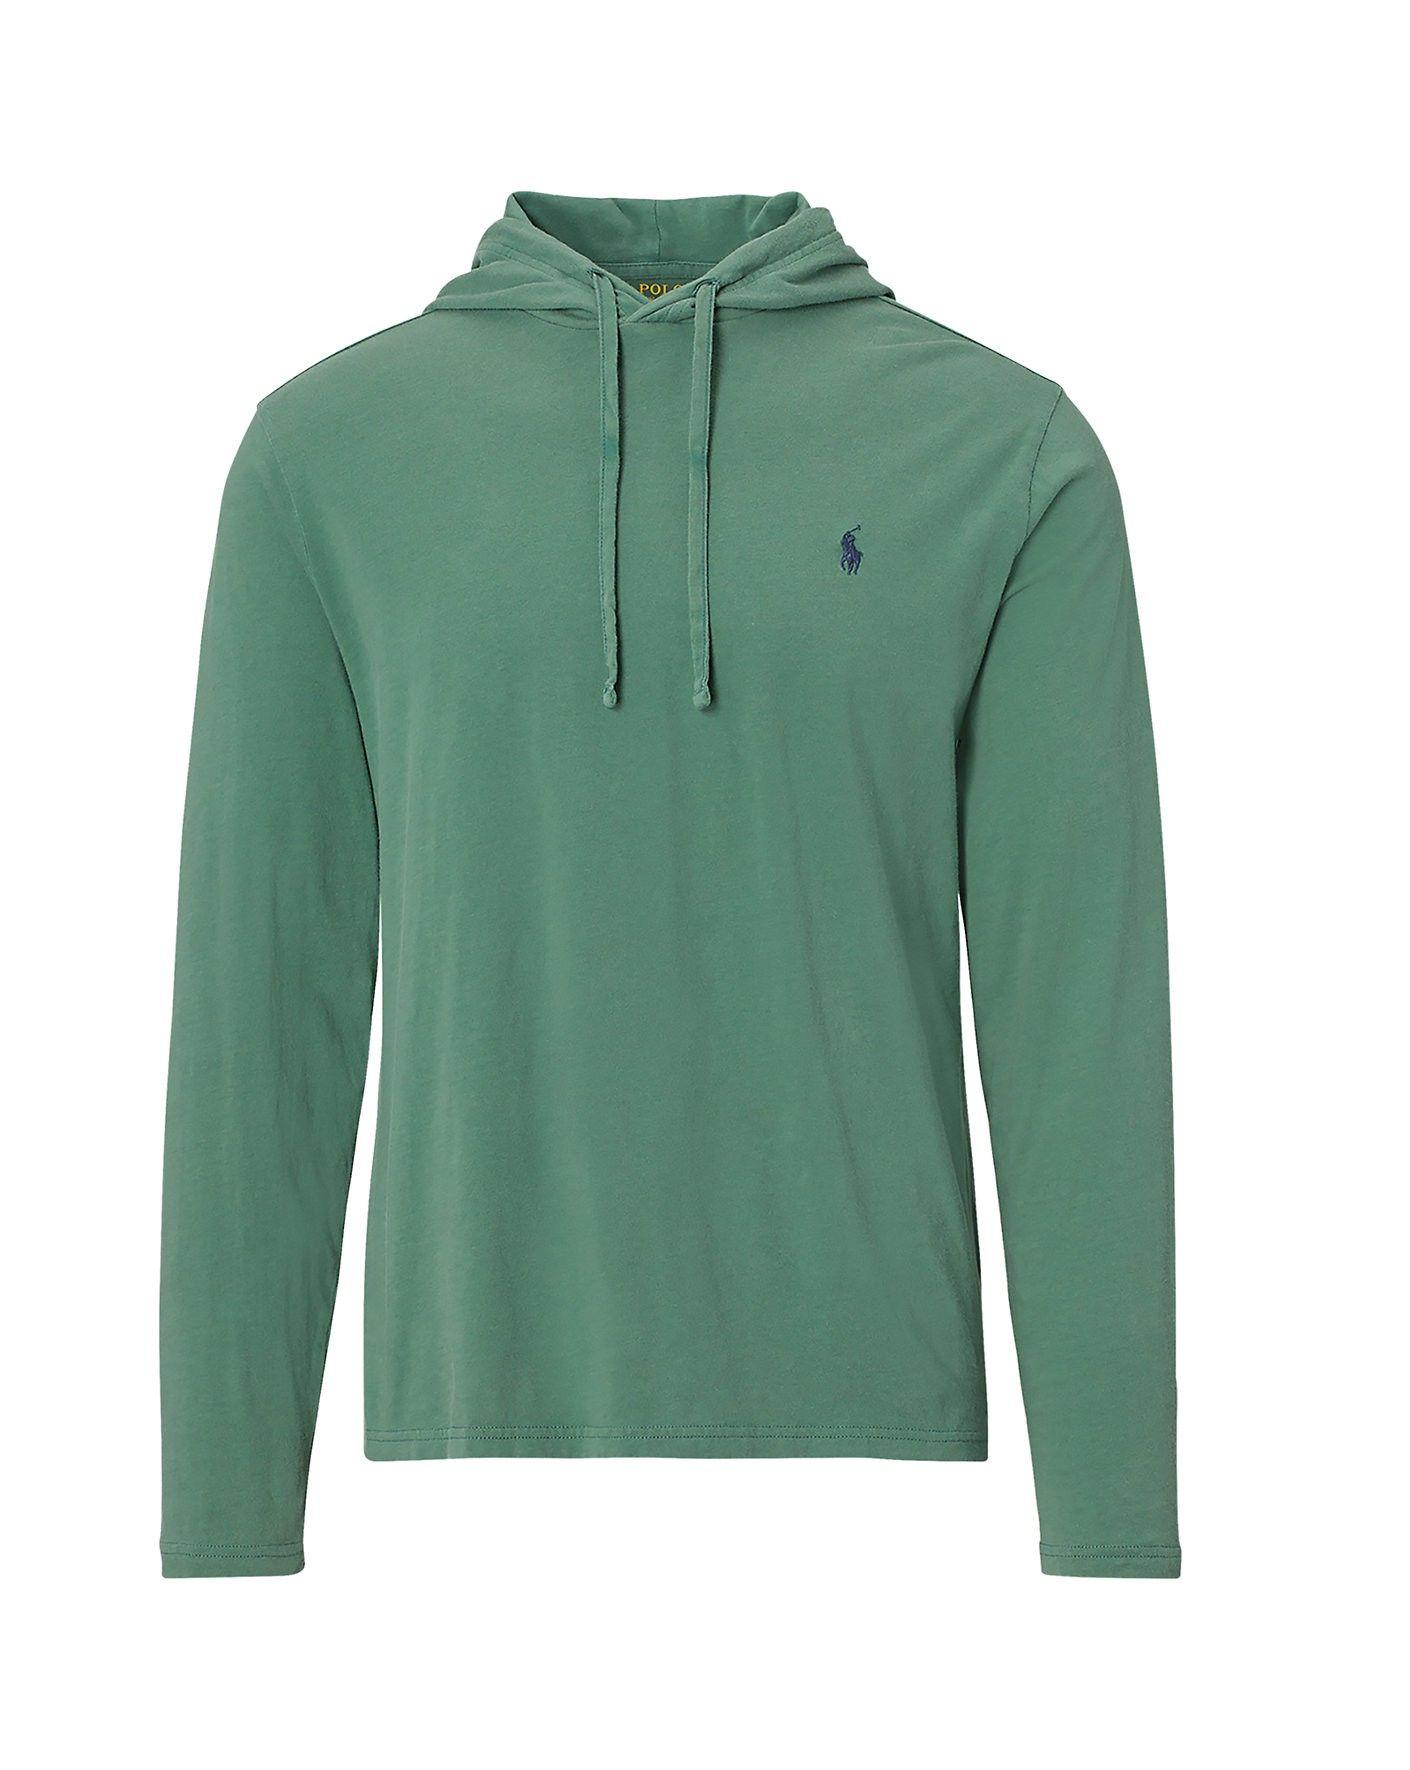 56848ce47c1 POLO RALPH LAUREN Cotton Jersey Hooded T-Shirt. #poloralphlauren #cloth #all